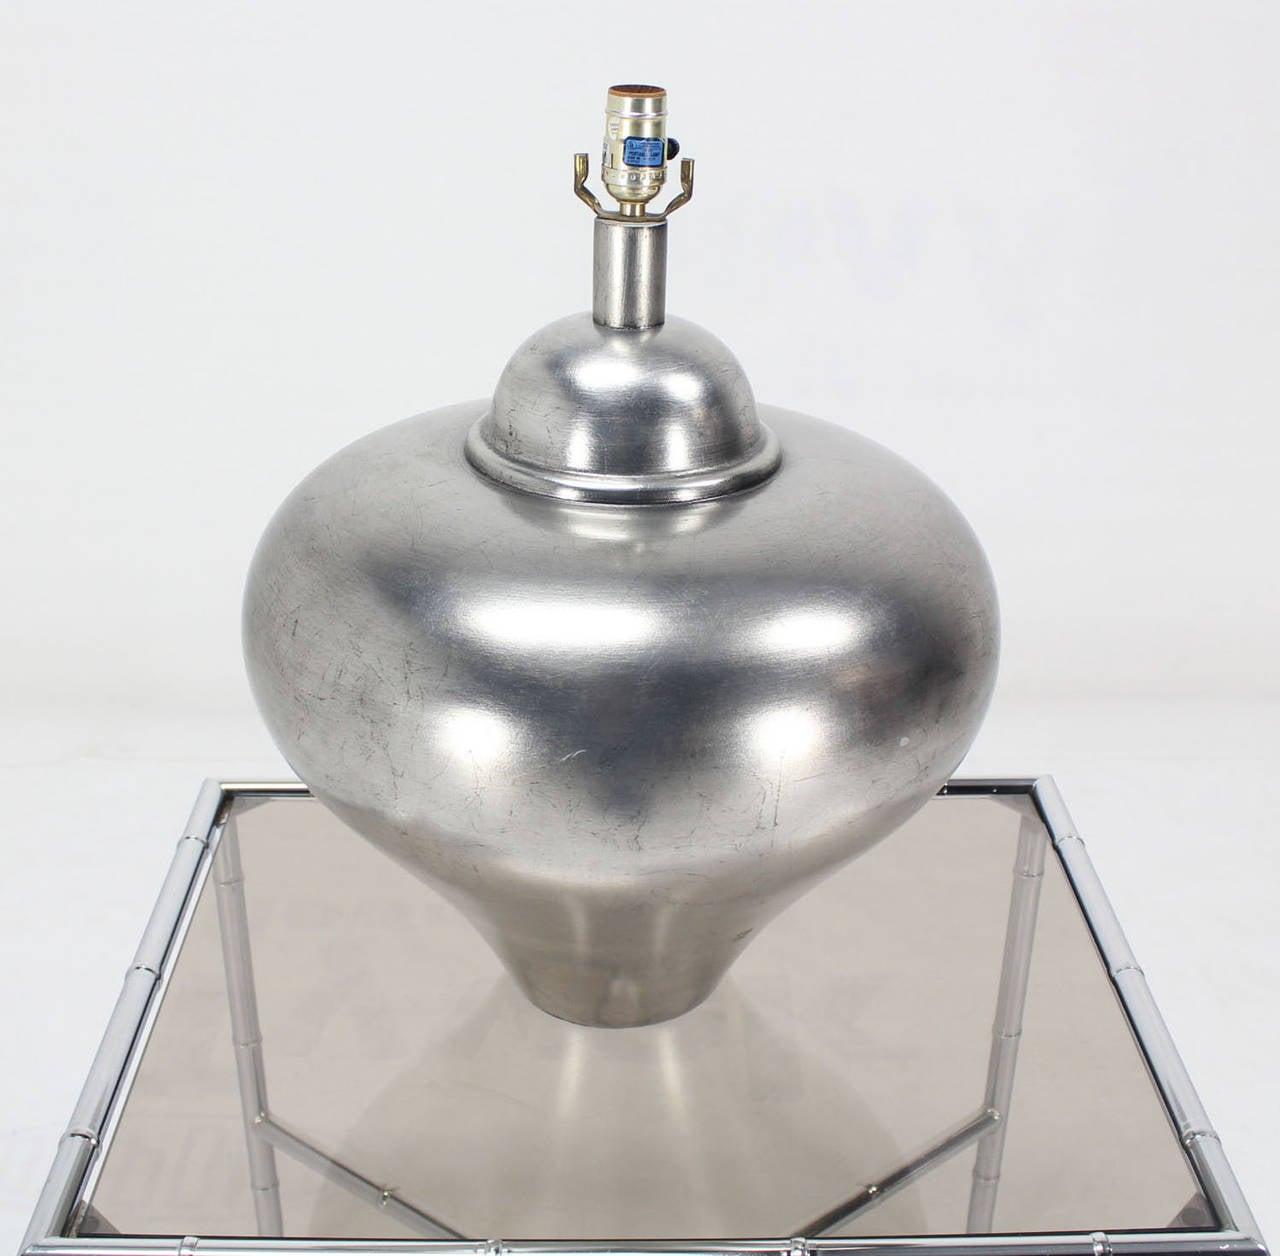 Mid century modern silver gilt round base table lamp for sale at mid century modern silver gilt round base table lamp 2 geotapseo Choice Image